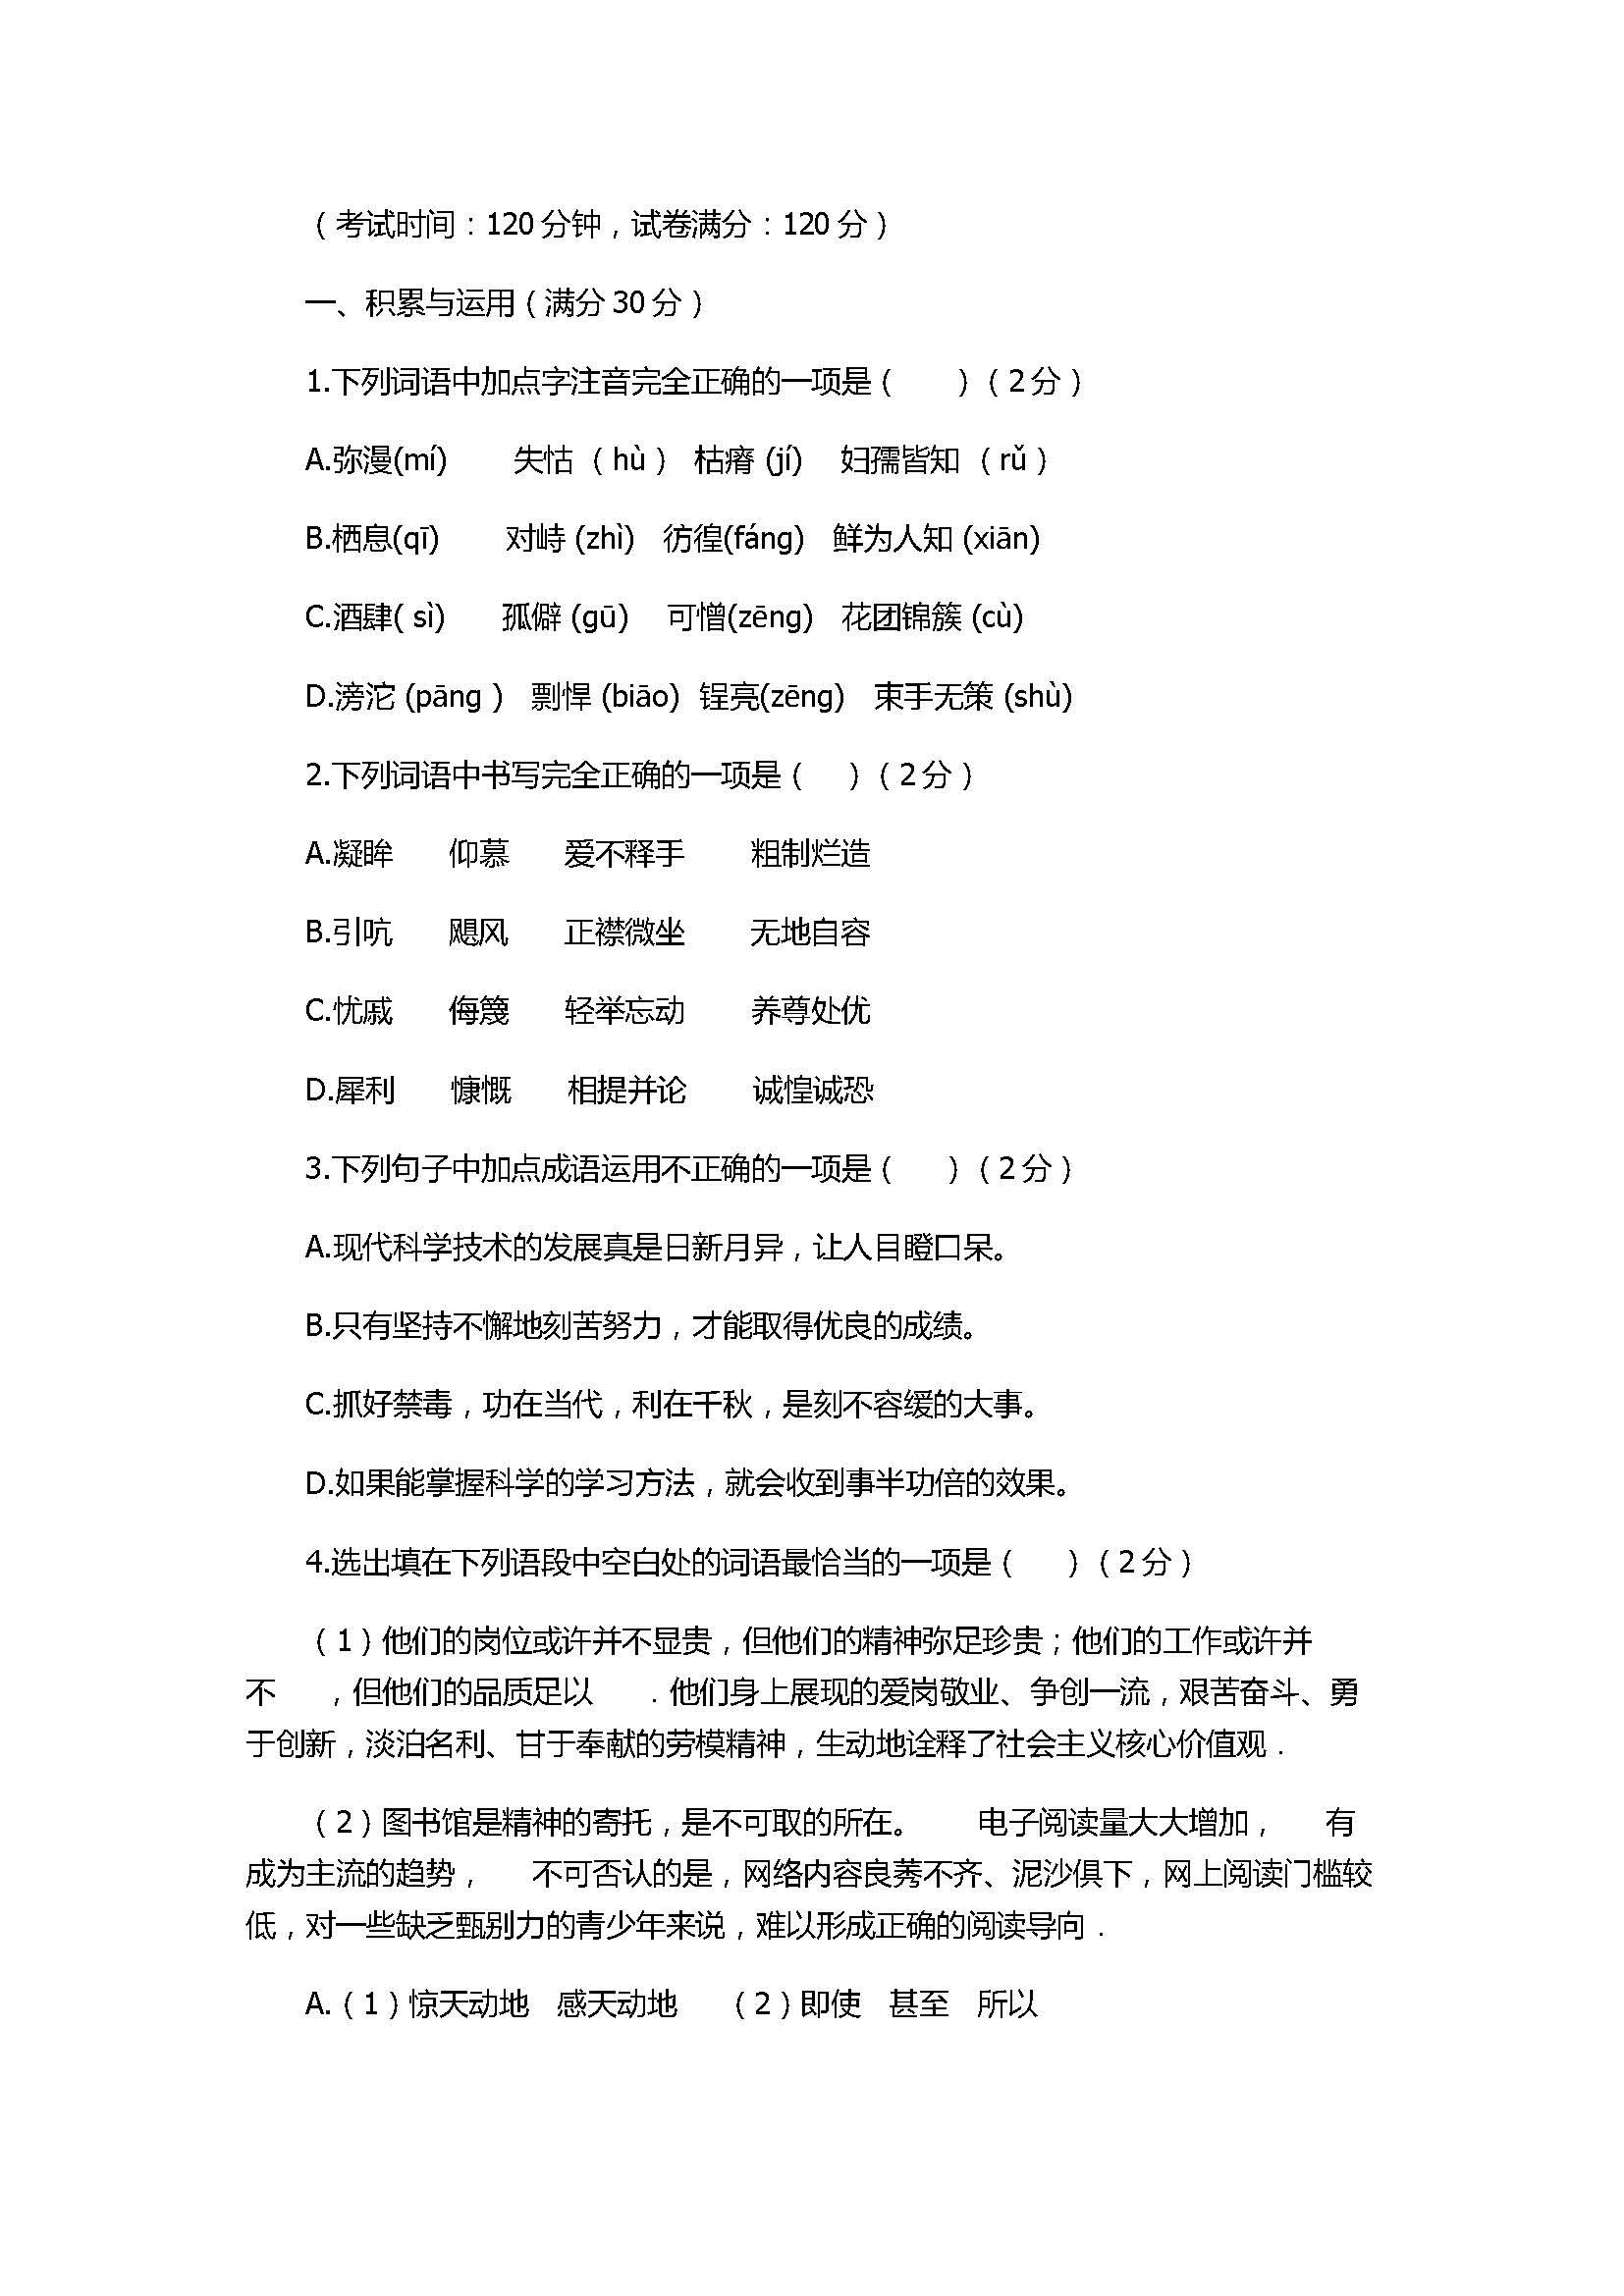 2017七年级语文下册期中测试题附参考答案(辽宁省大石桥市)